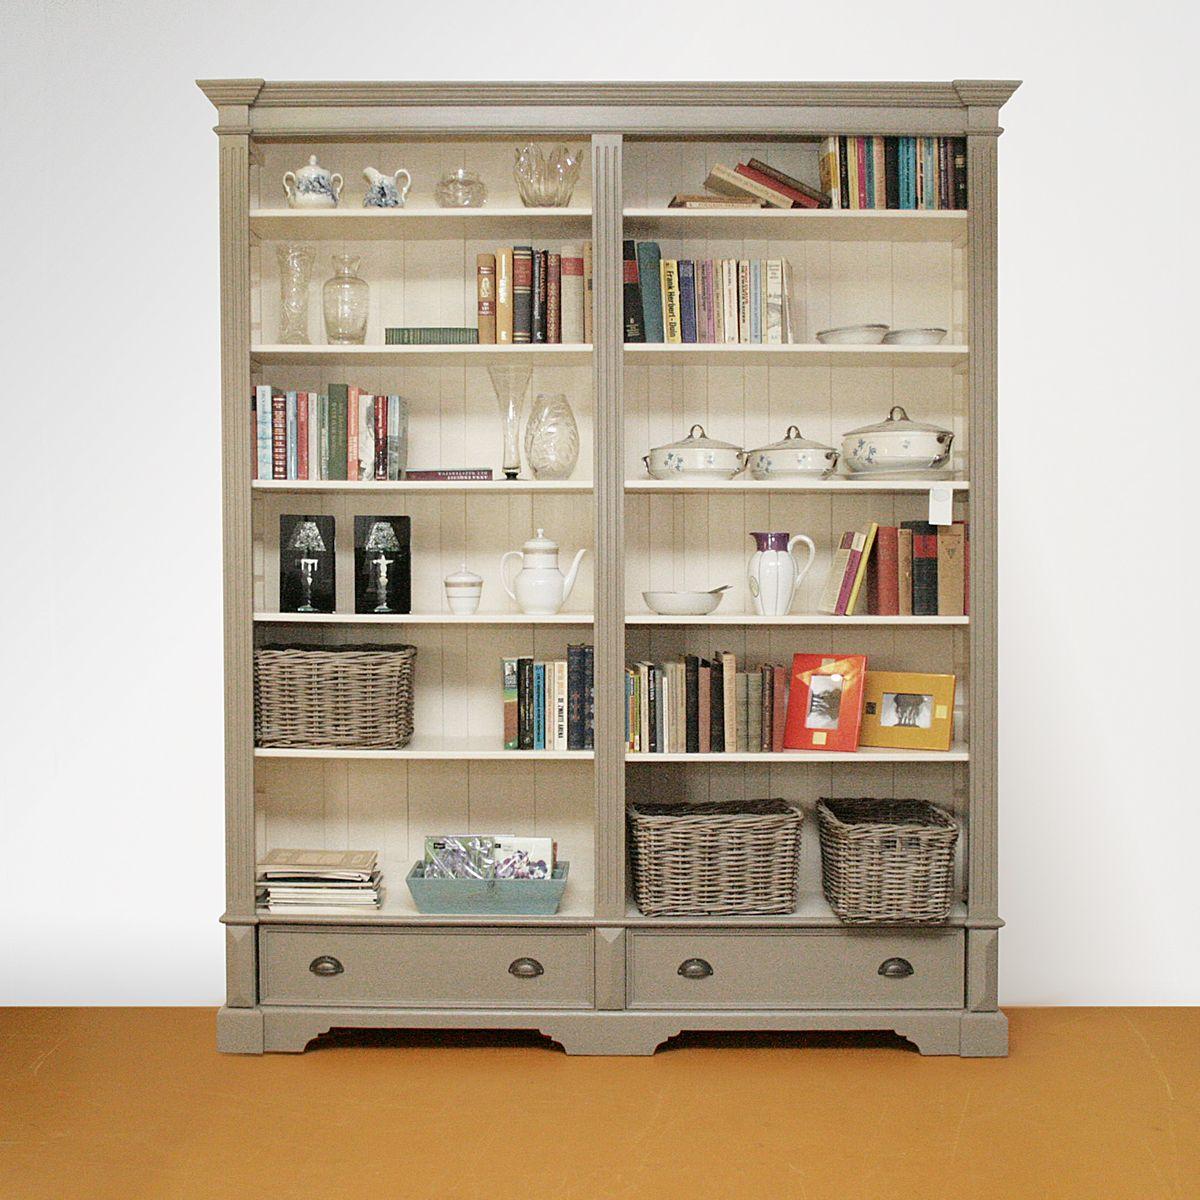 Vuren boekenkast geschilderd gerard keune meubels op maat - Eettafel schans ...